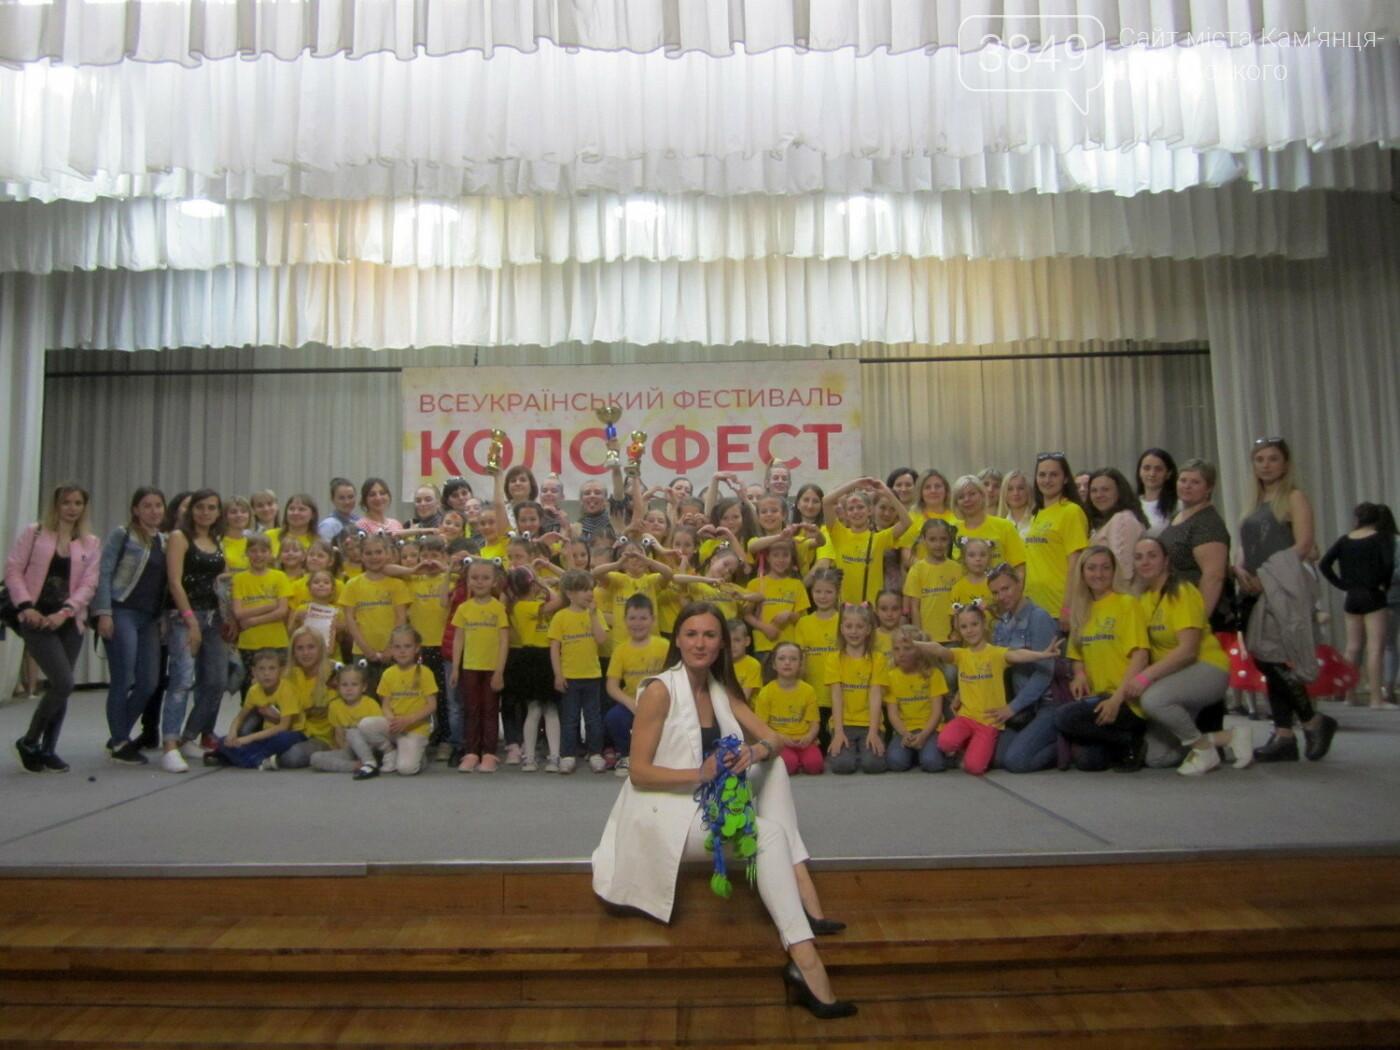 Кам'янецькі танцюристи привезли Гран-прі з всеукраїнського фестивалю, фото-1